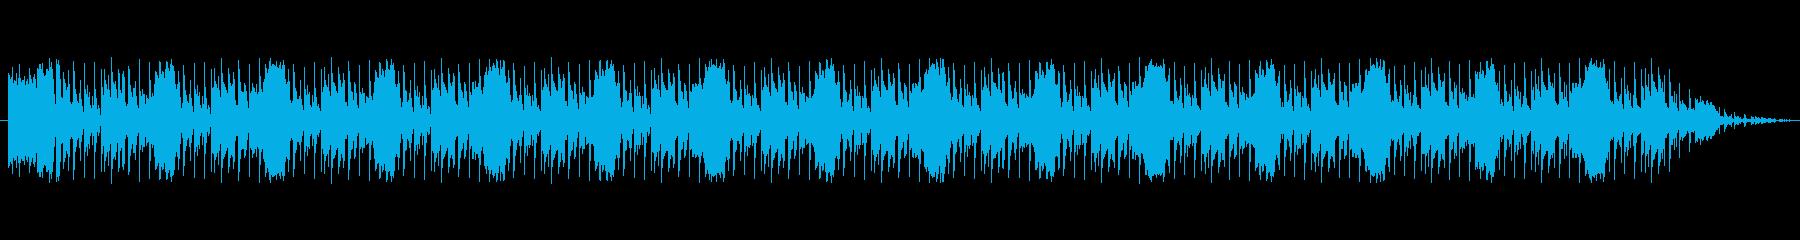 ニュースランキングの再生済みの波形